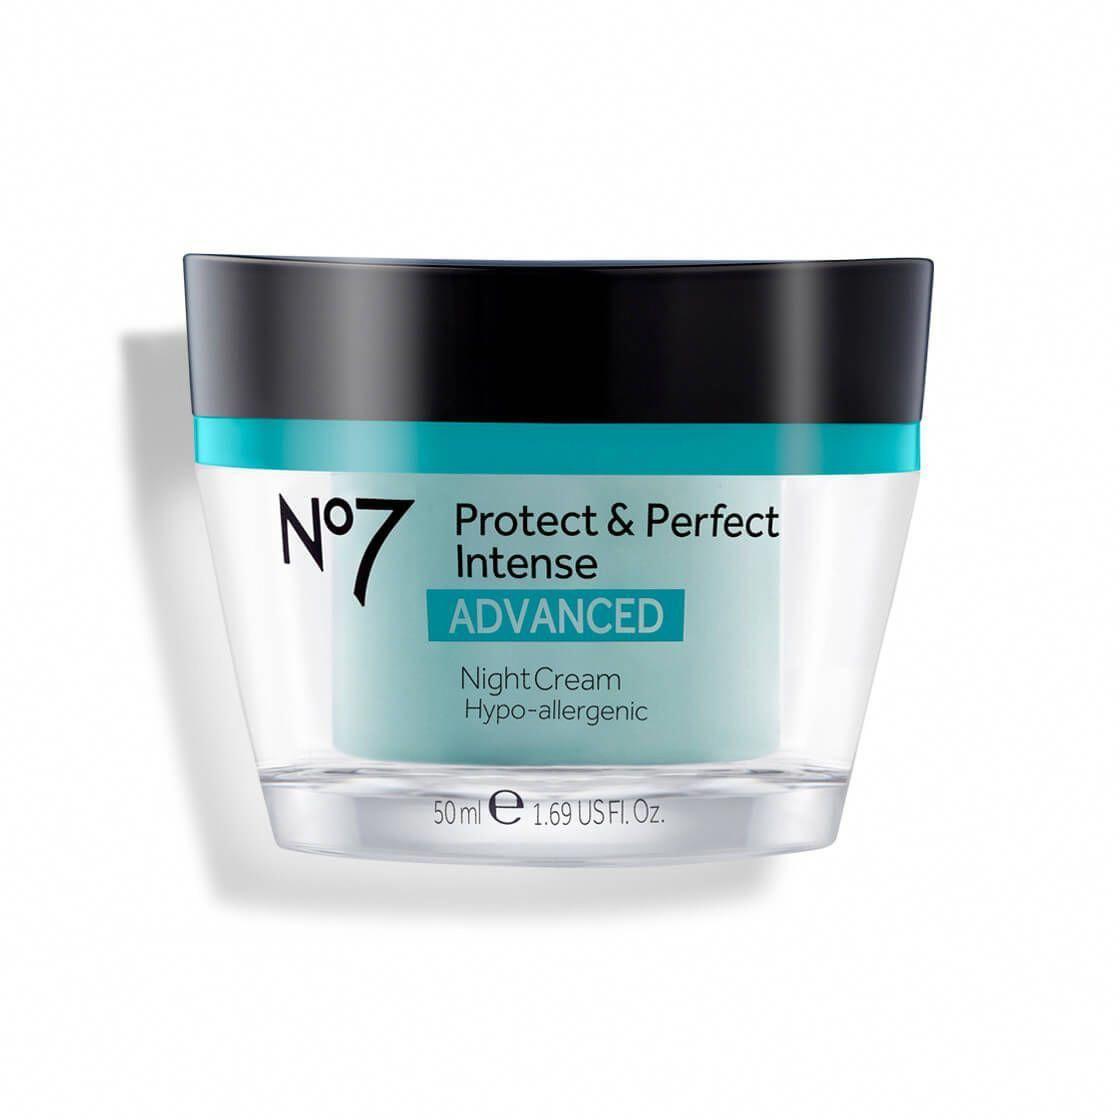 Protect Perfect Intense Advanced Night Cream In 2020 Night Creams Face Cream No7